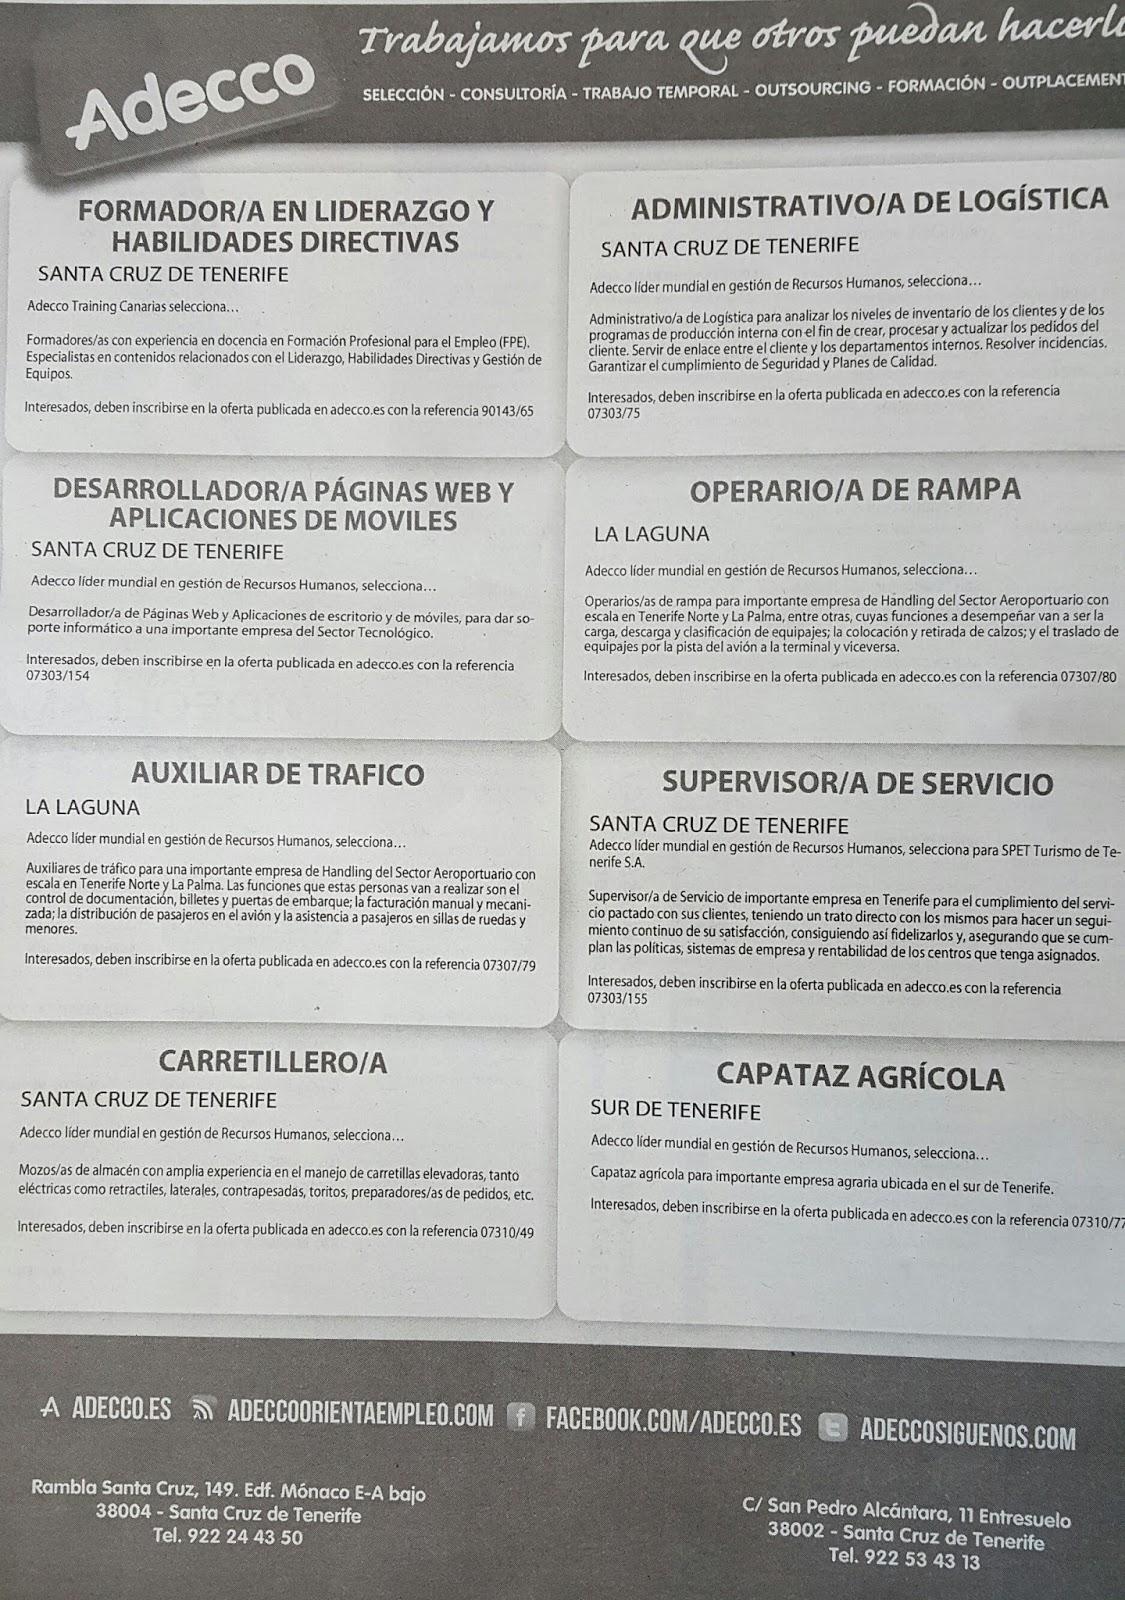 Fpempleo 8 Ofertas De Empleo En Tenerife Adecco